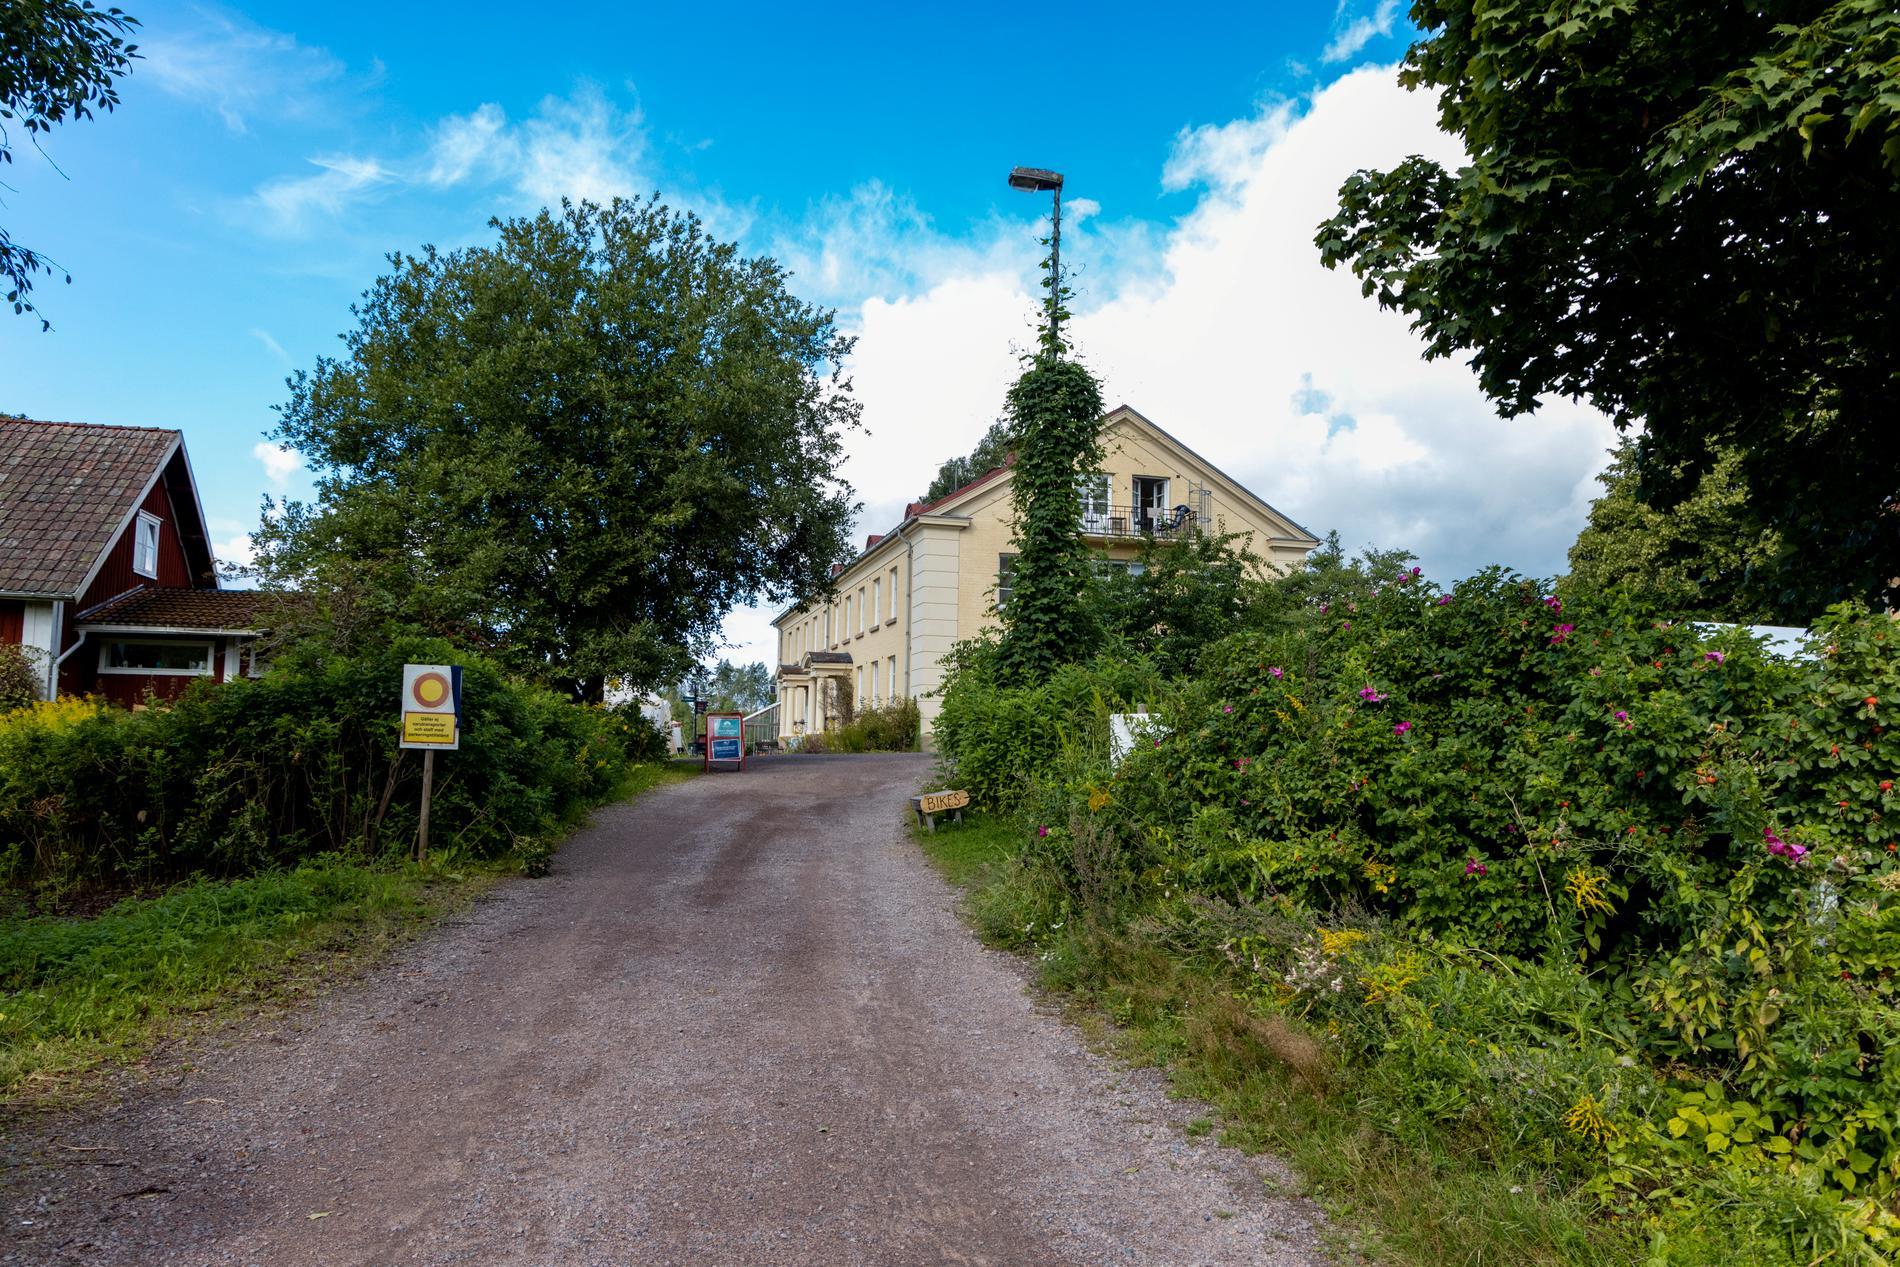 Smittspridningen tog rejäl fart på en tantrafestival på kursgården Ängsbacka i Molkom.